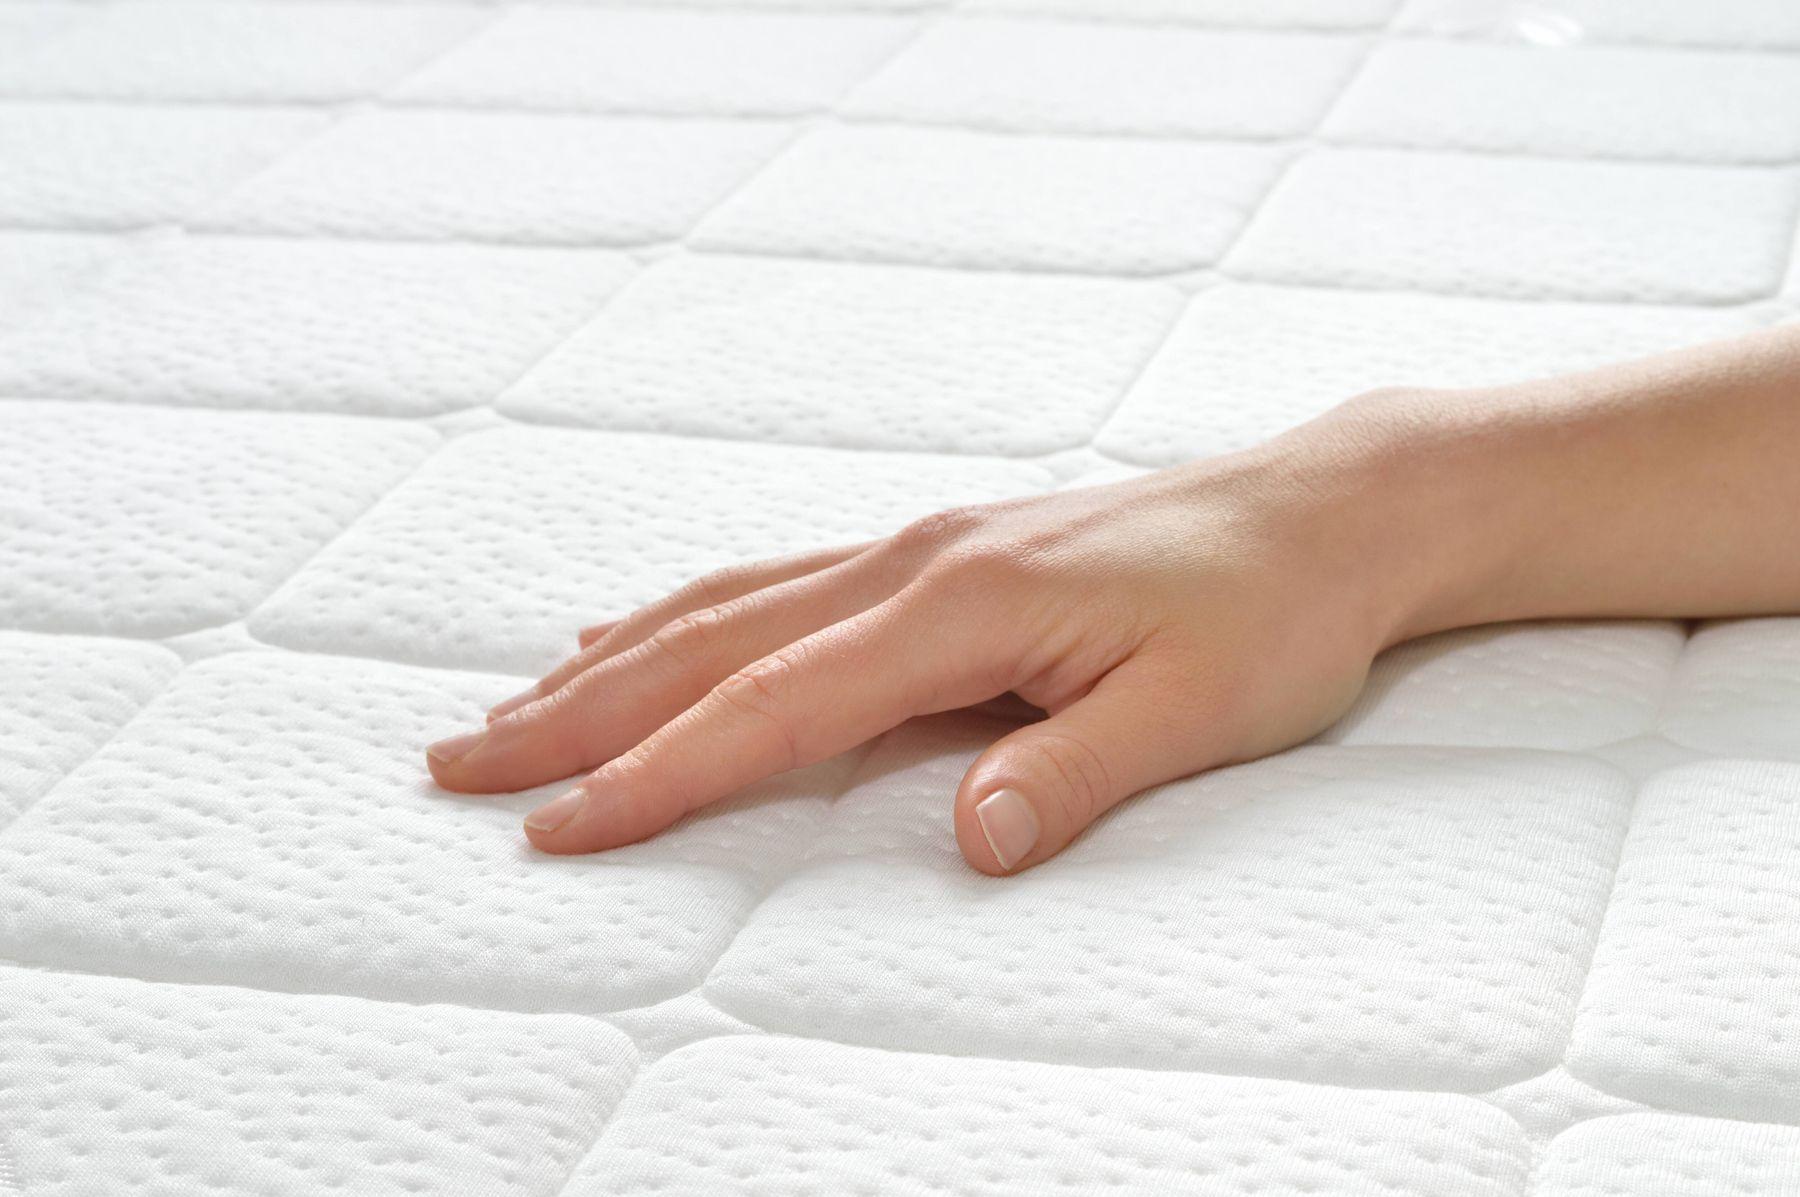 Dùng khăn ẩm để lau sạch vết nước trên bề mặt nệm